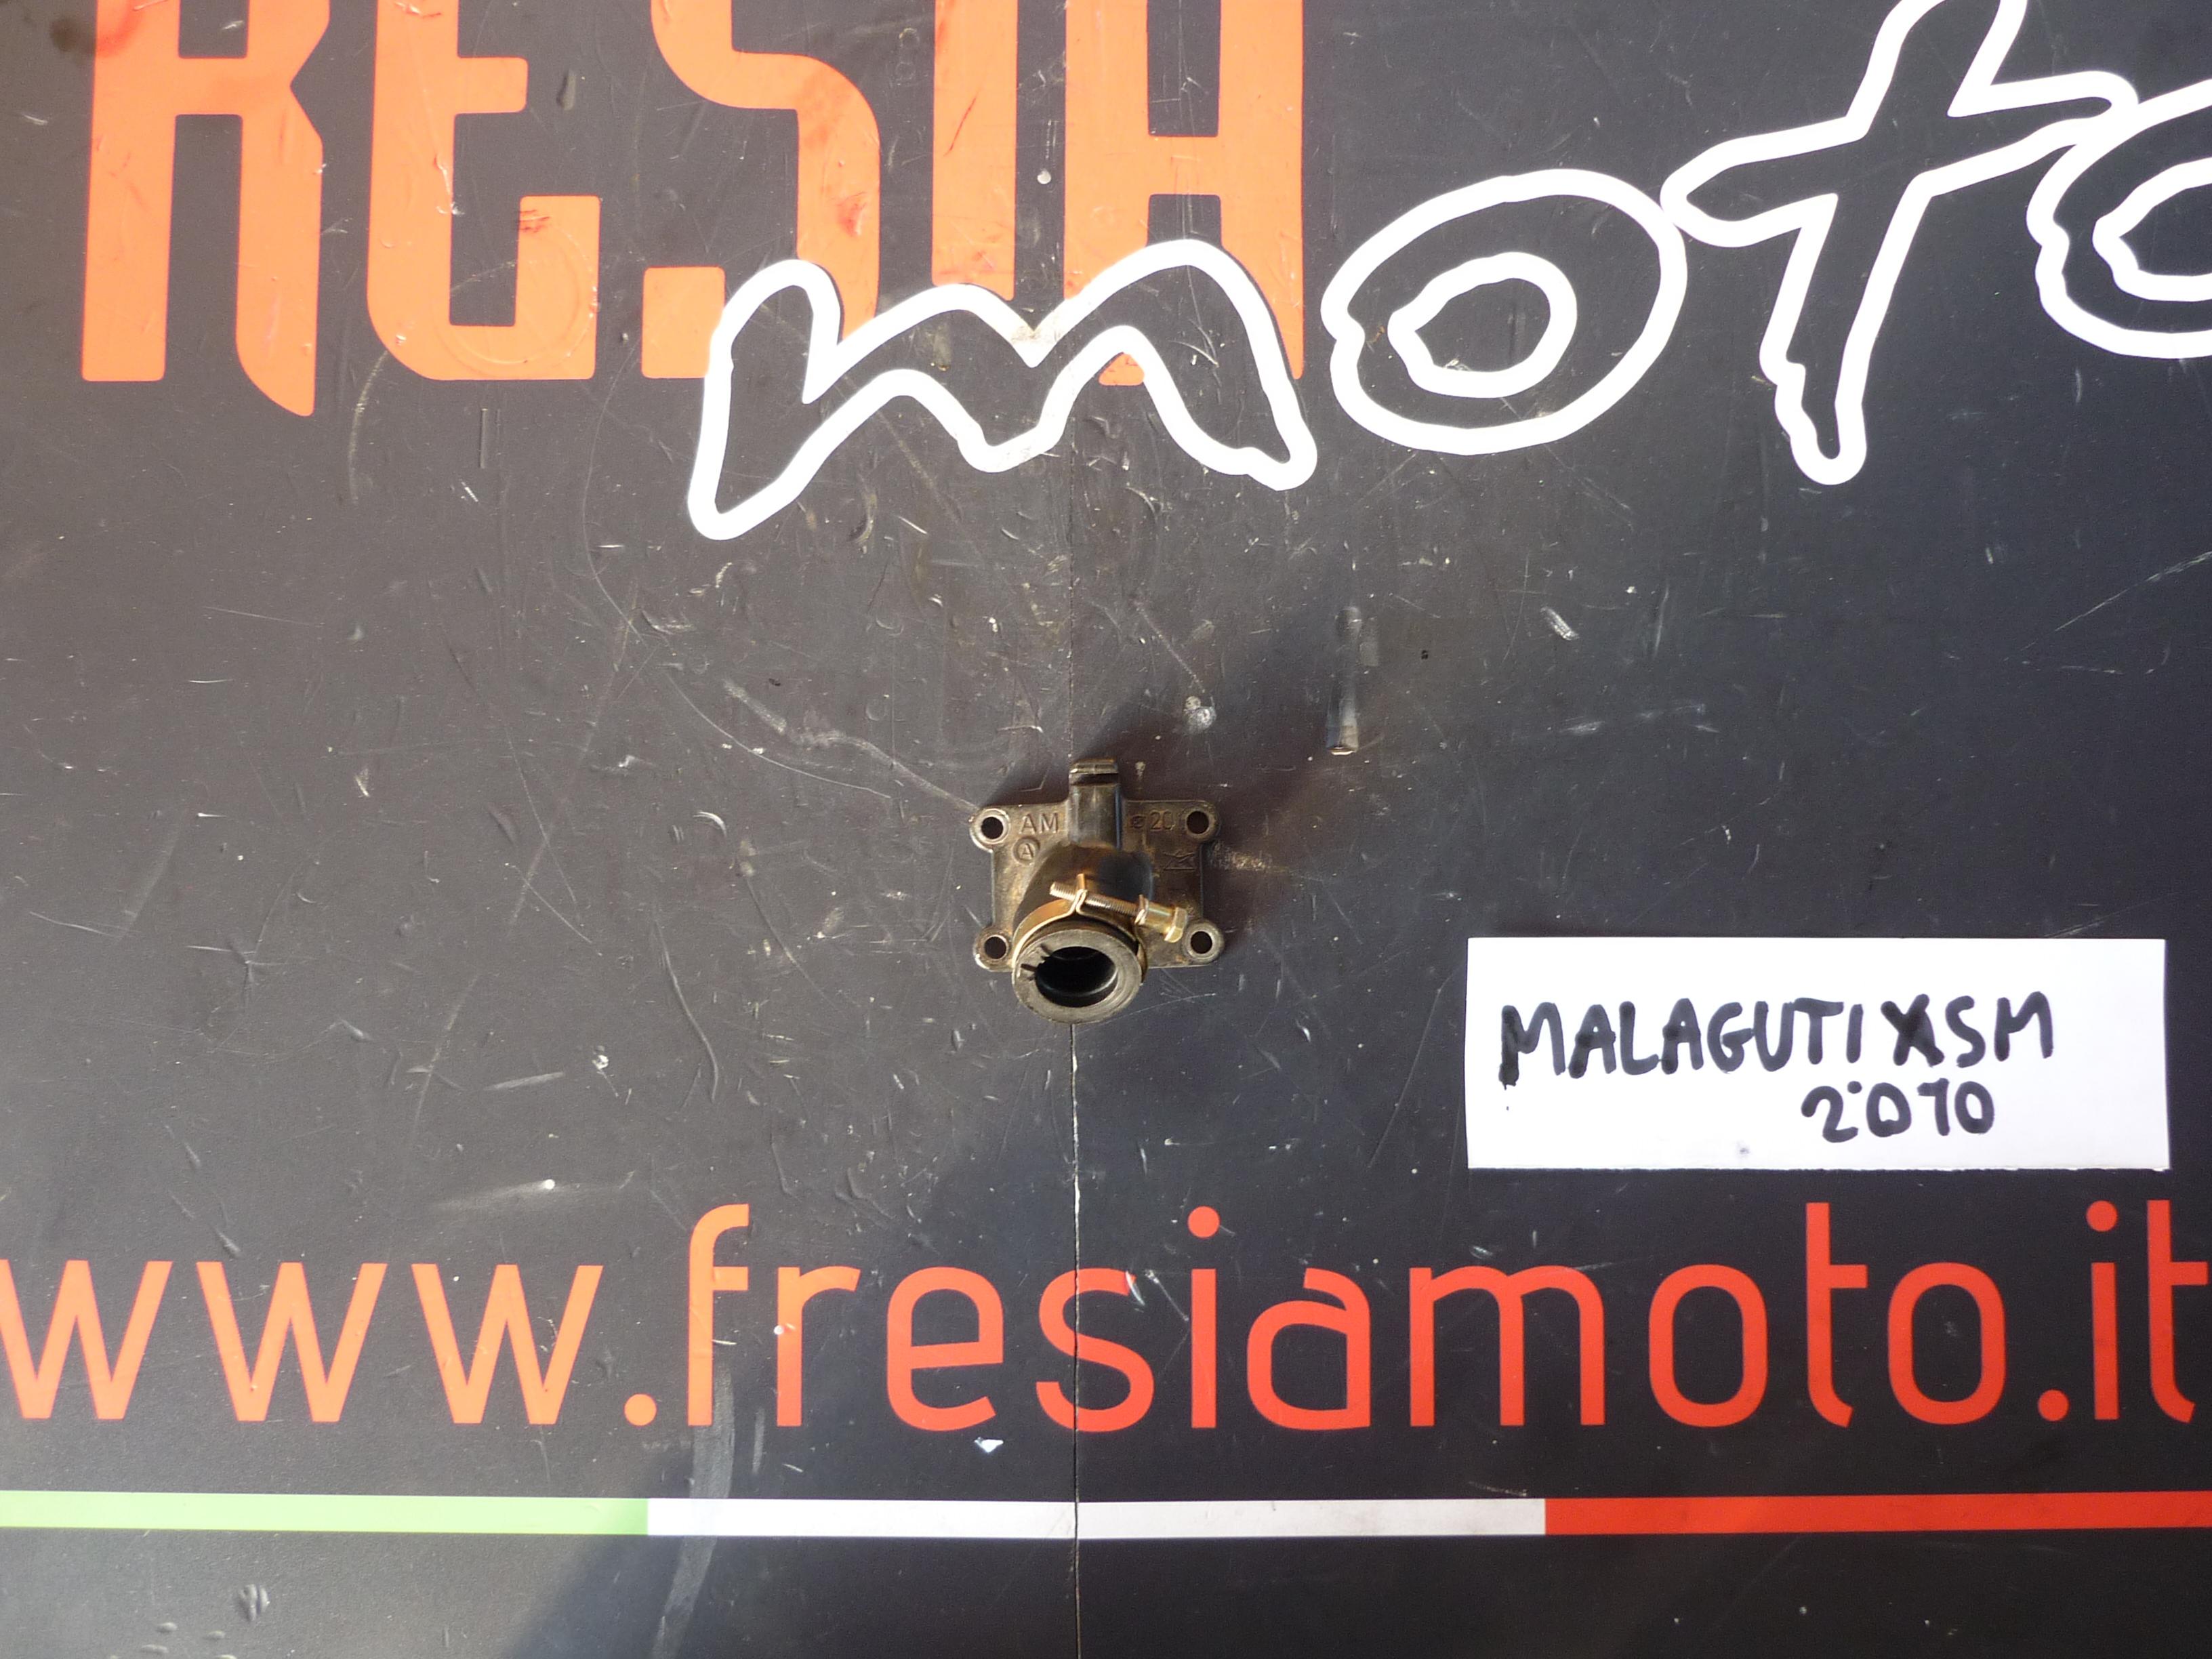 COLLETTORE ASPIRAZIONE USATO MALAGUTI XSM 50 ANNO 2010